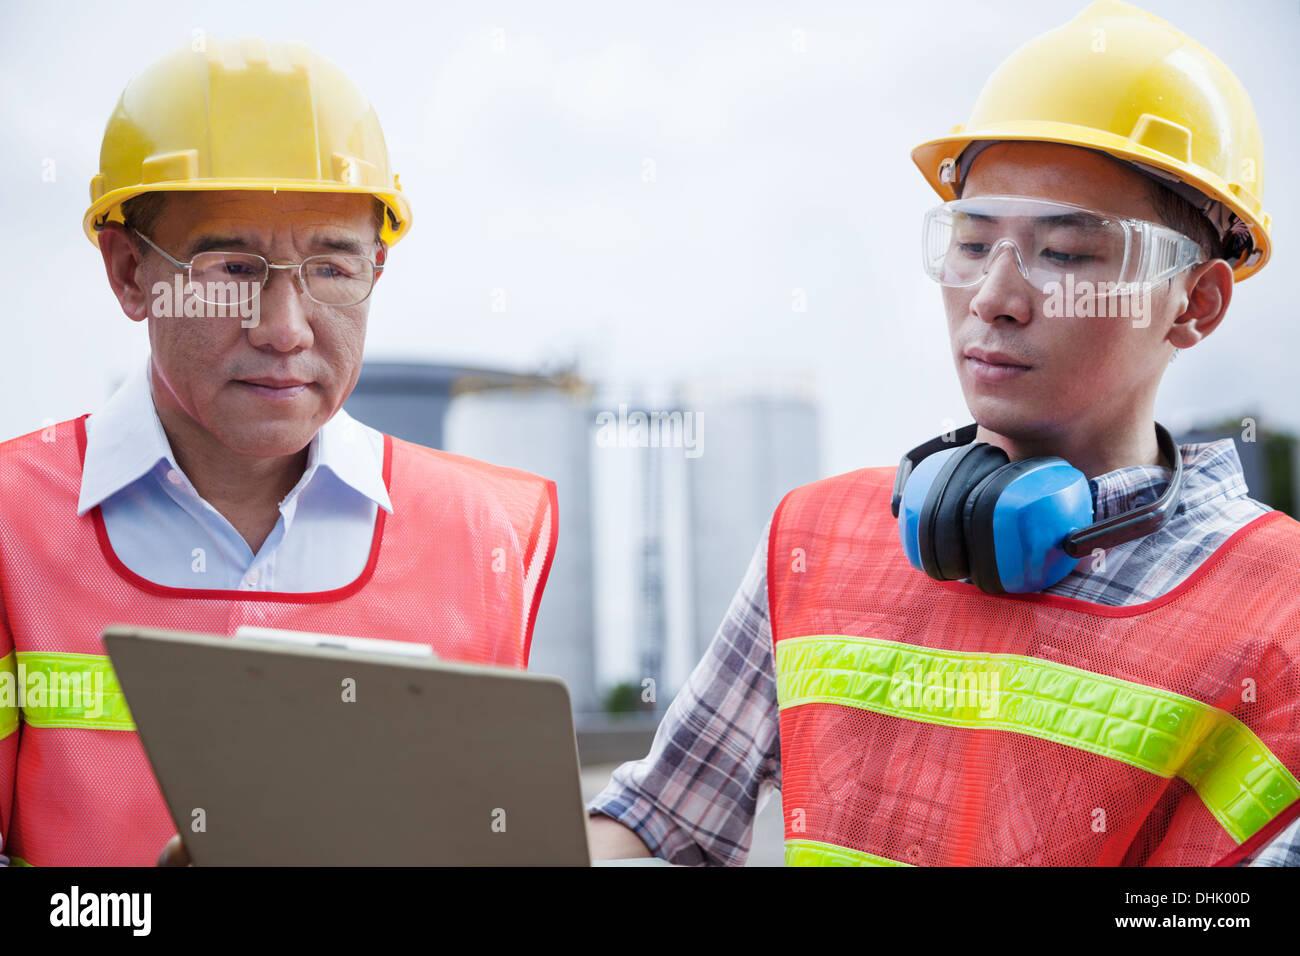 Zwei Ingenieure in Schutzkleidung blickte auf eine Zwischenablage außerhalb einer Fabrik Stockfoto